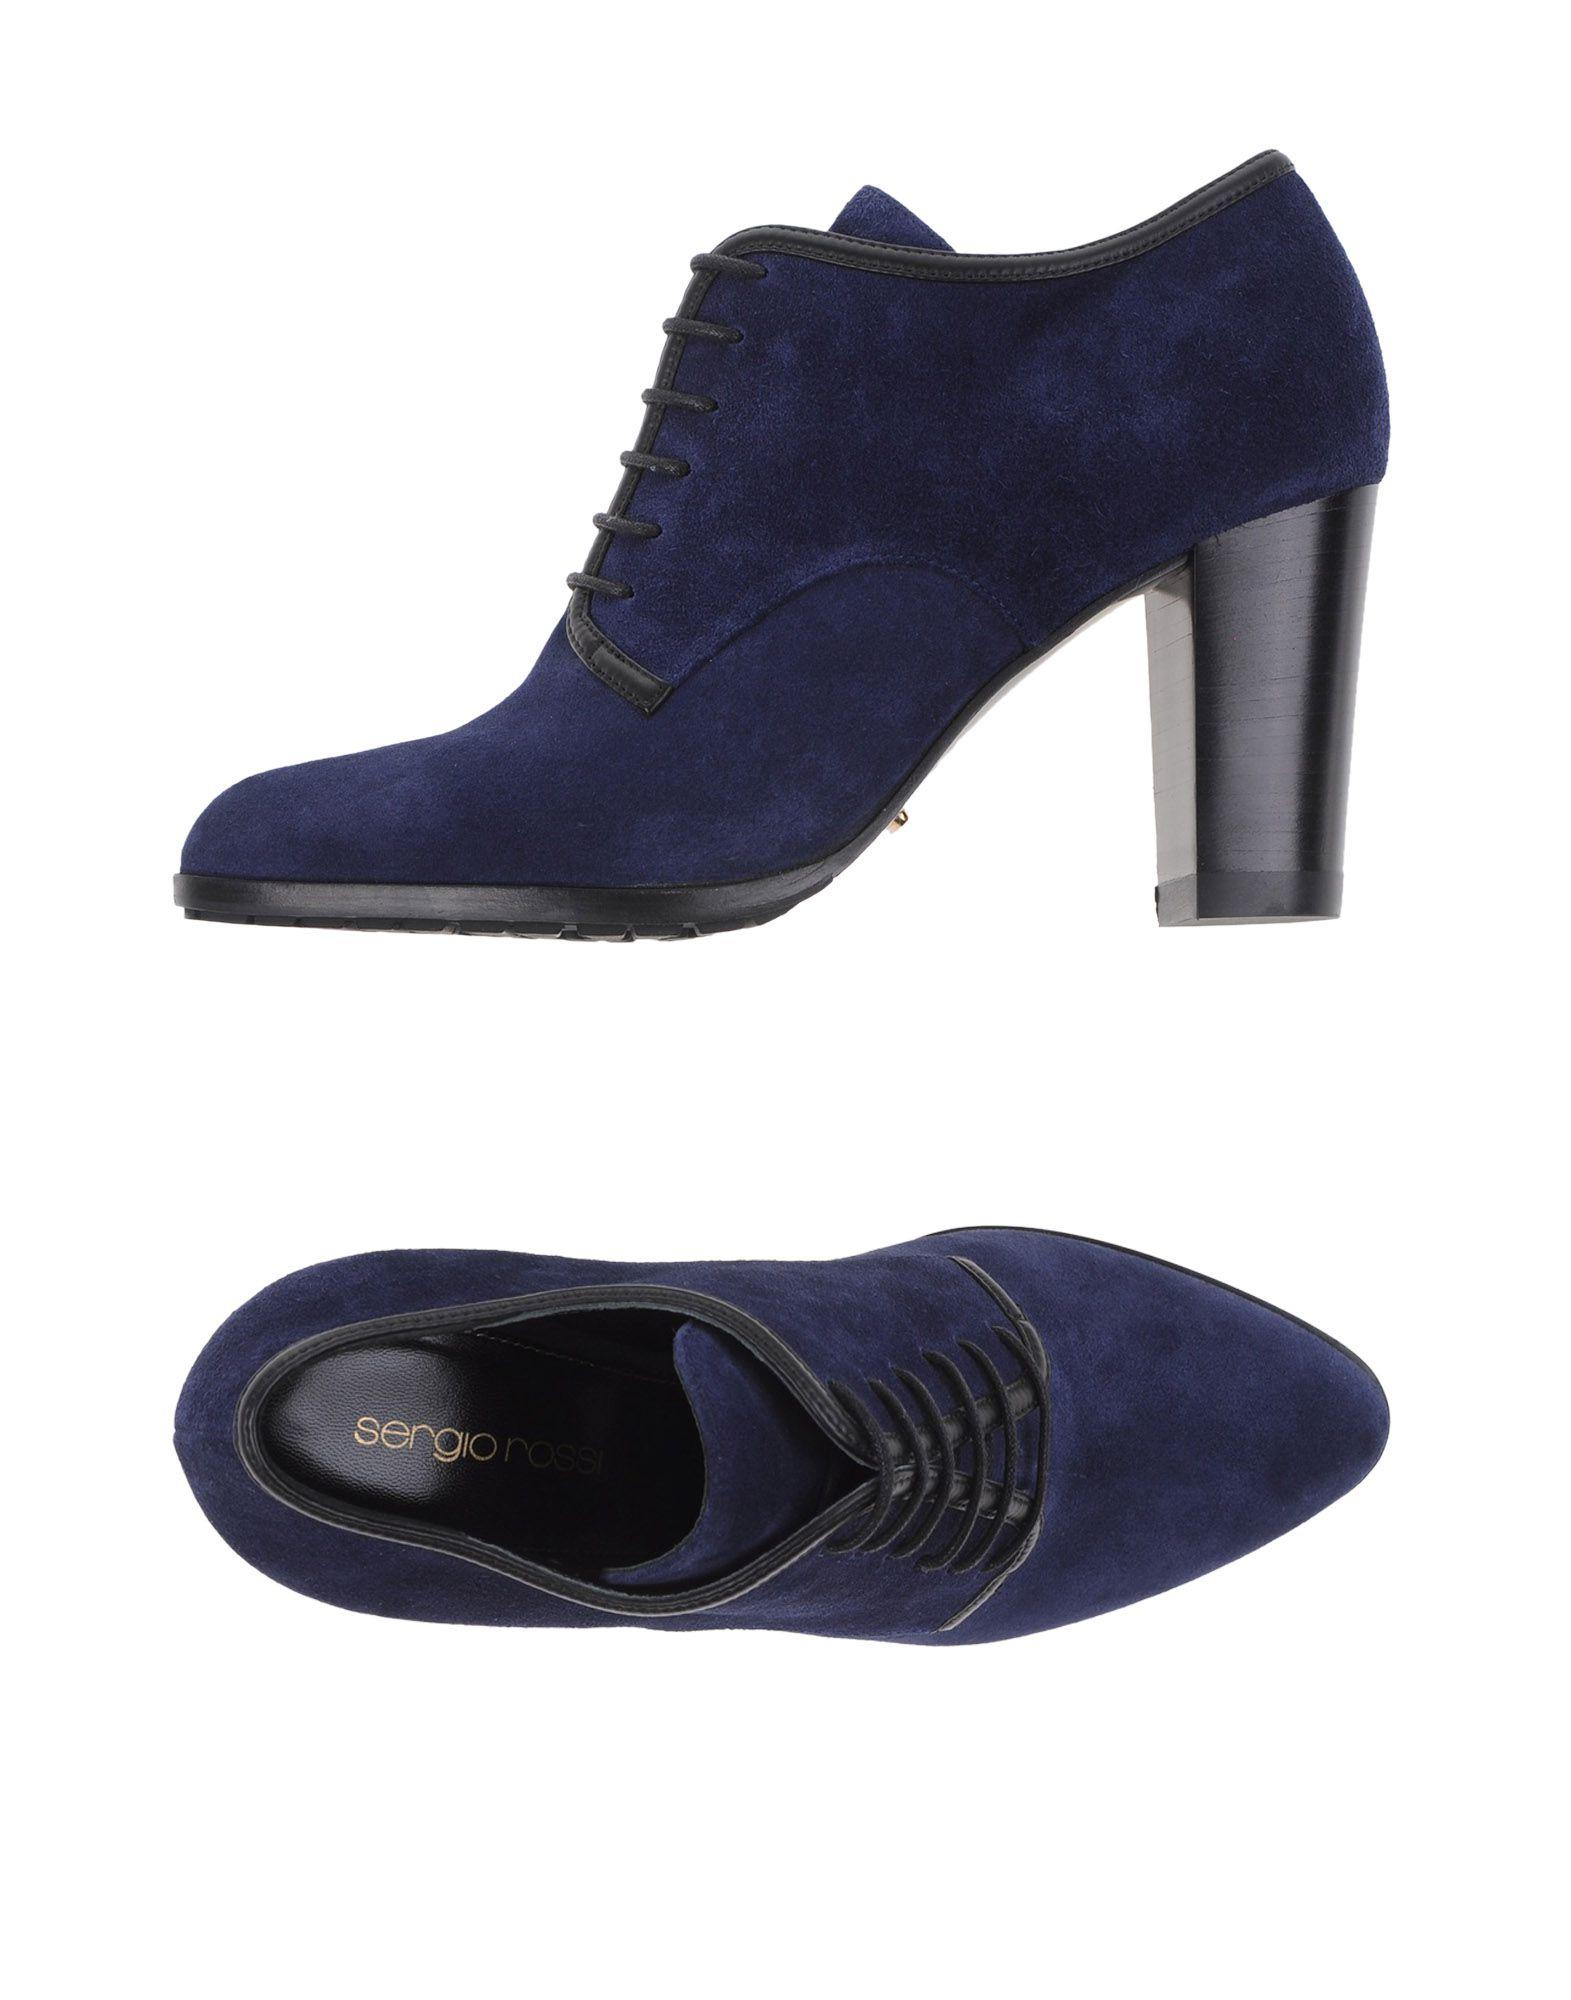 Sergio Rossi Schnürschuhe Damen  11068159IXGünstige gut aussehende Schuhe